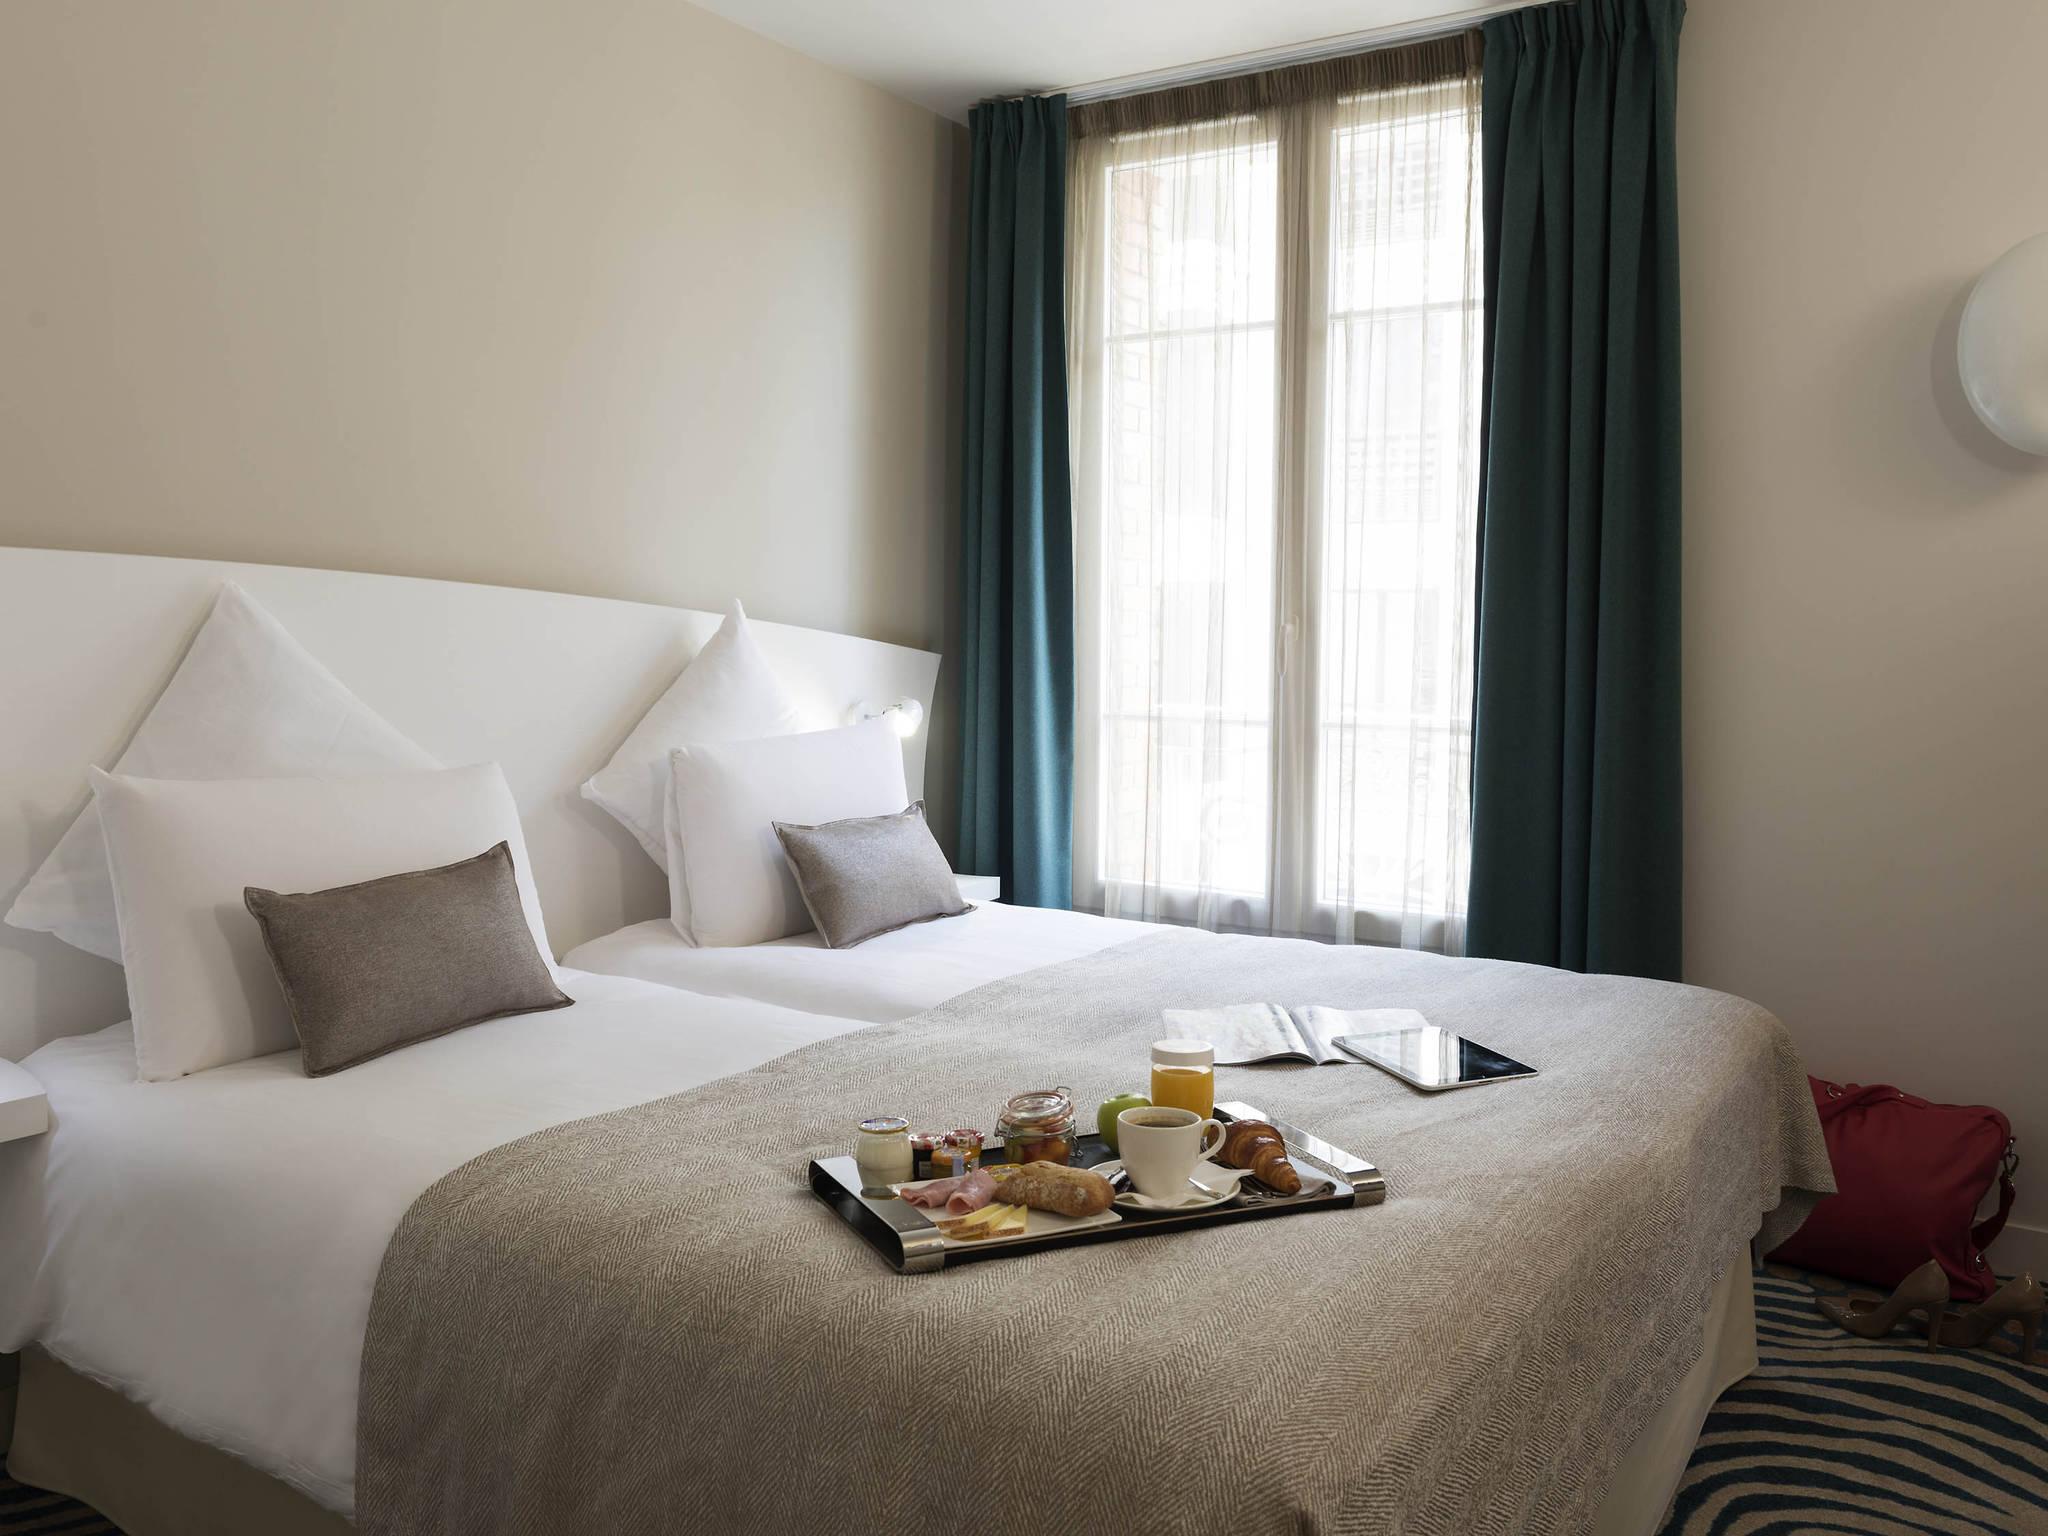 酒店 – 美居巴黎勒瓦卢瓦佩雷酒店